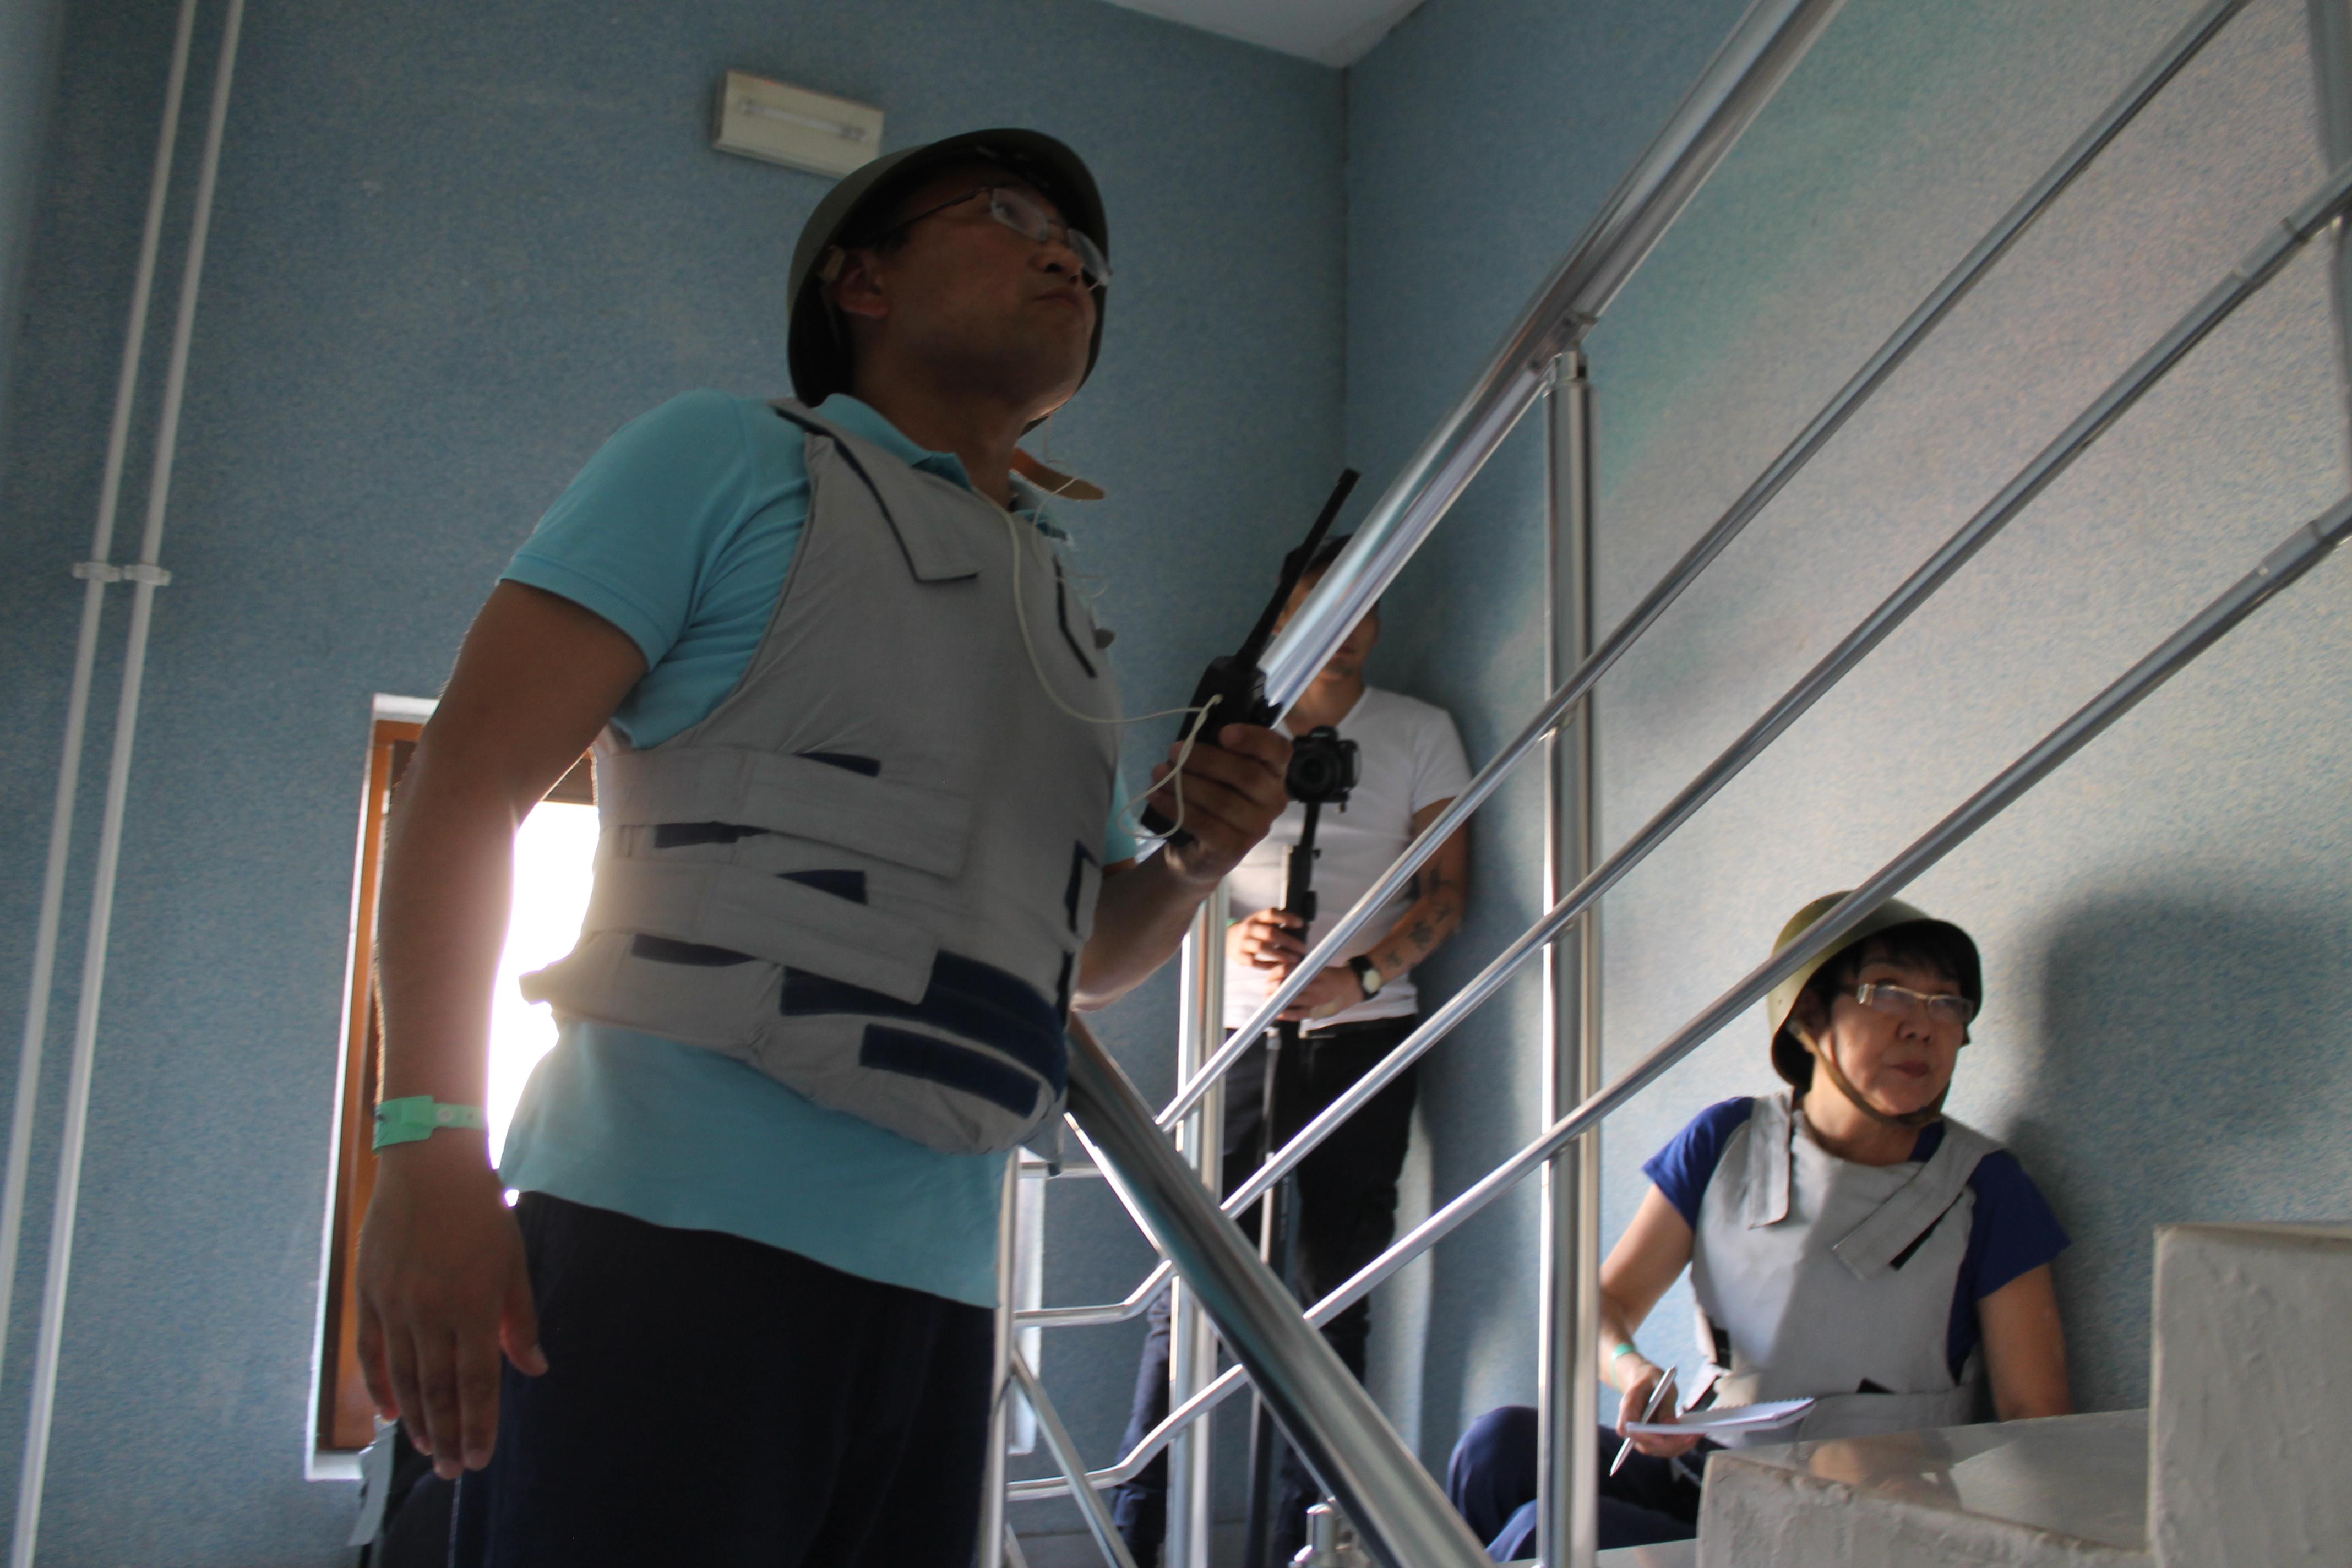 ОБСЕ провела обучение сотрудников казахстанских правоохранительных органов